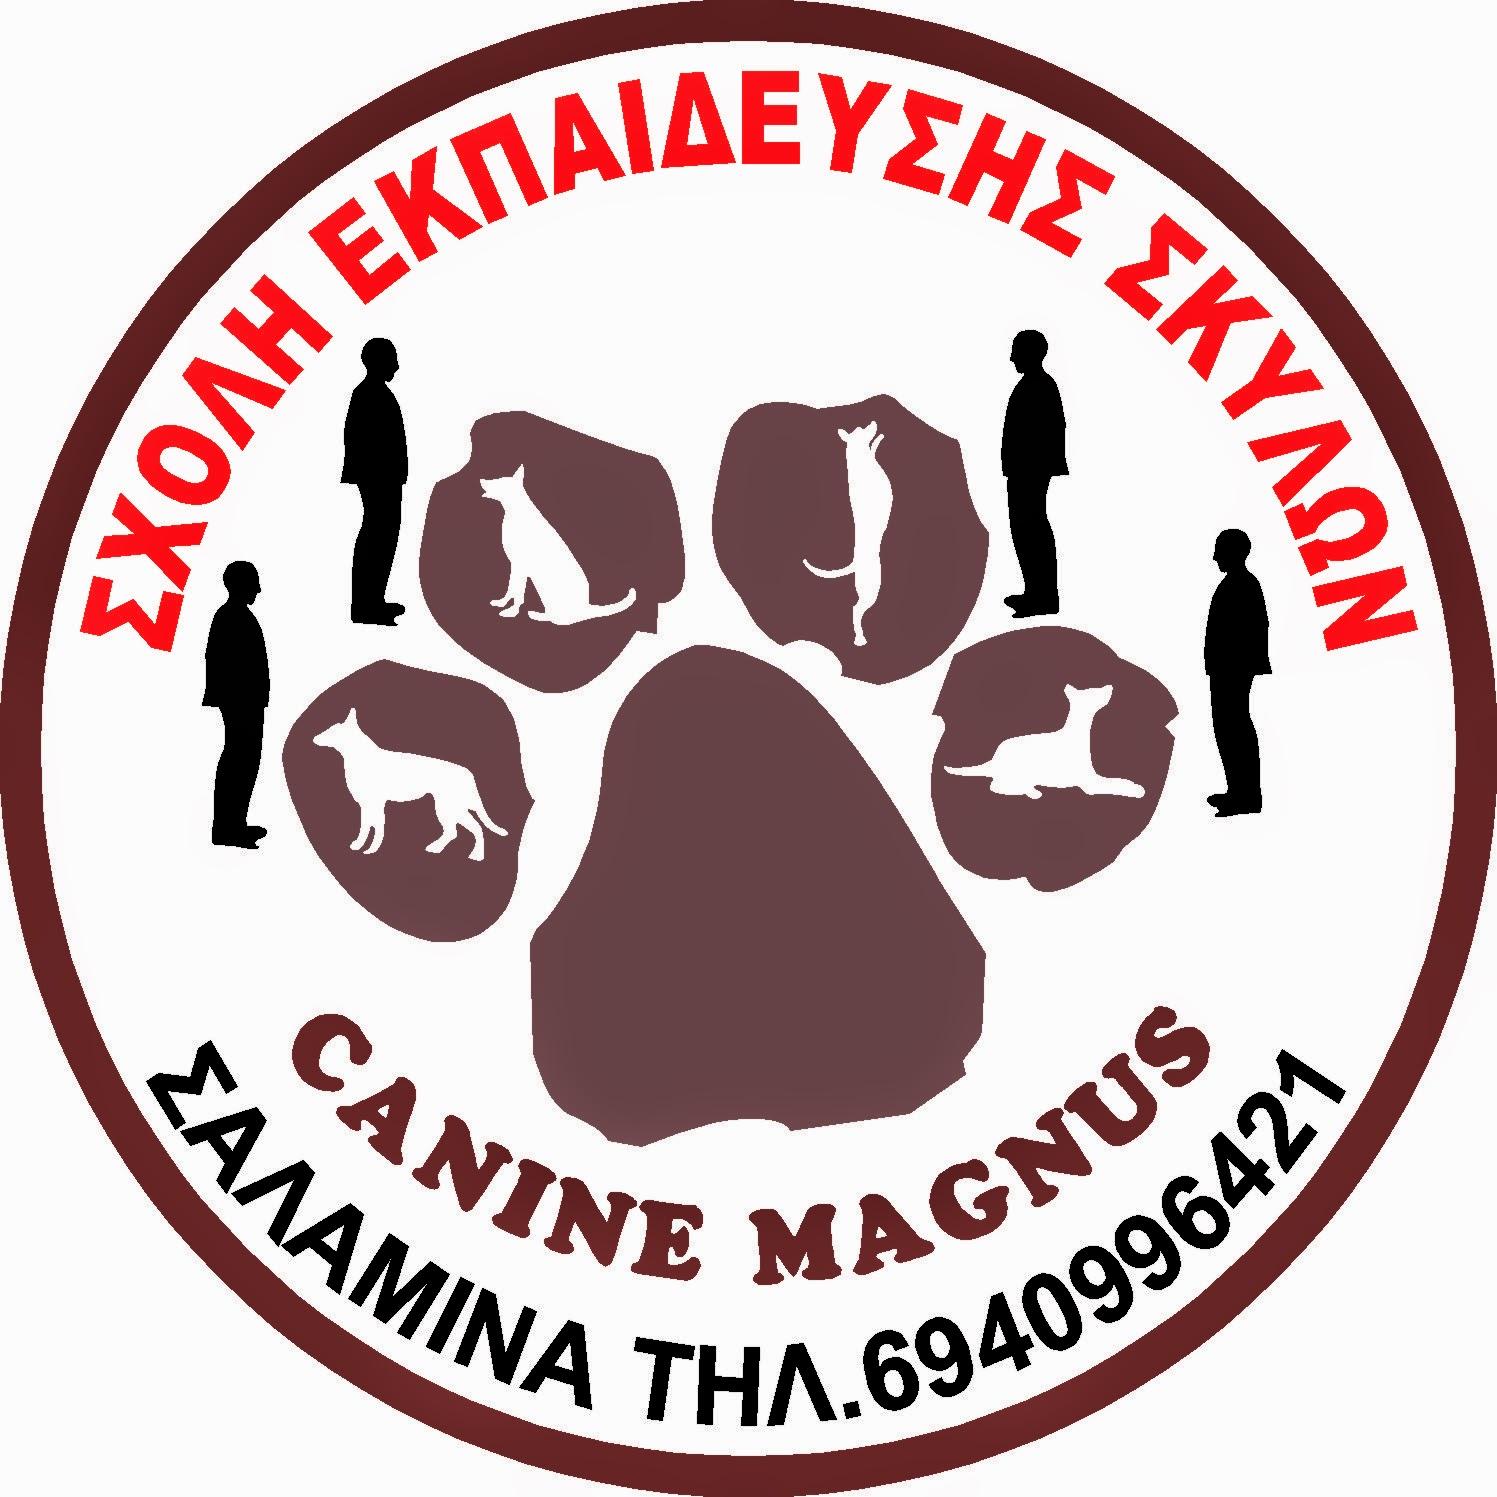 Σχολη εκπαίδευσης σκυλων Σαλαμίνας